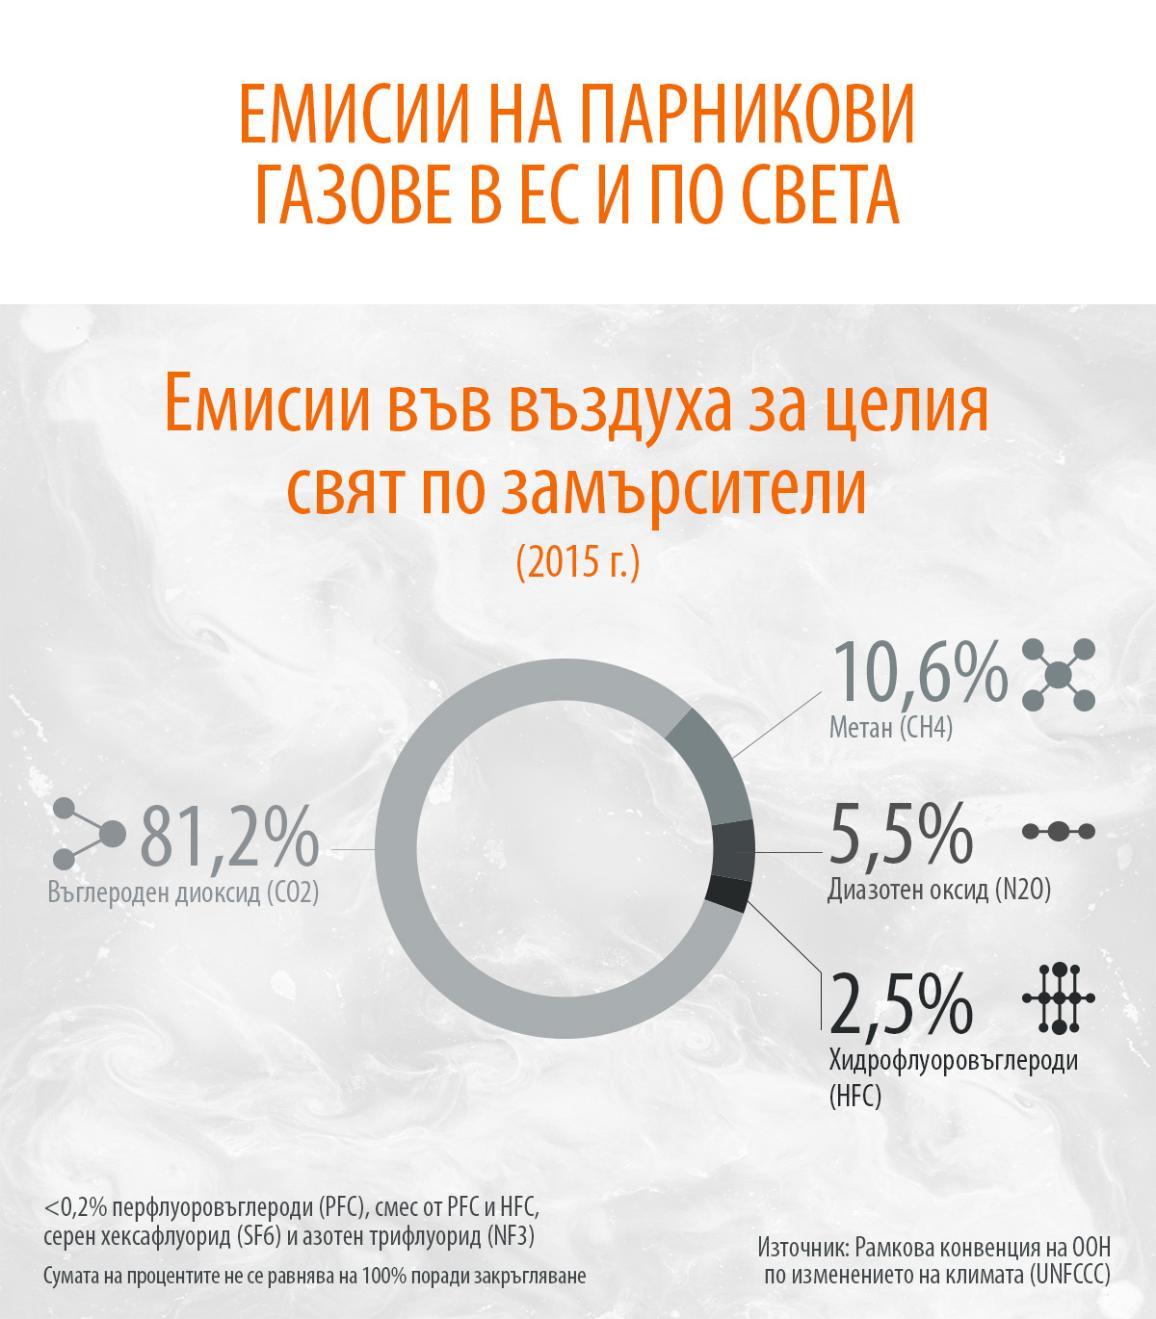 Инфографика: Делът на различните парникови газове в емисиите